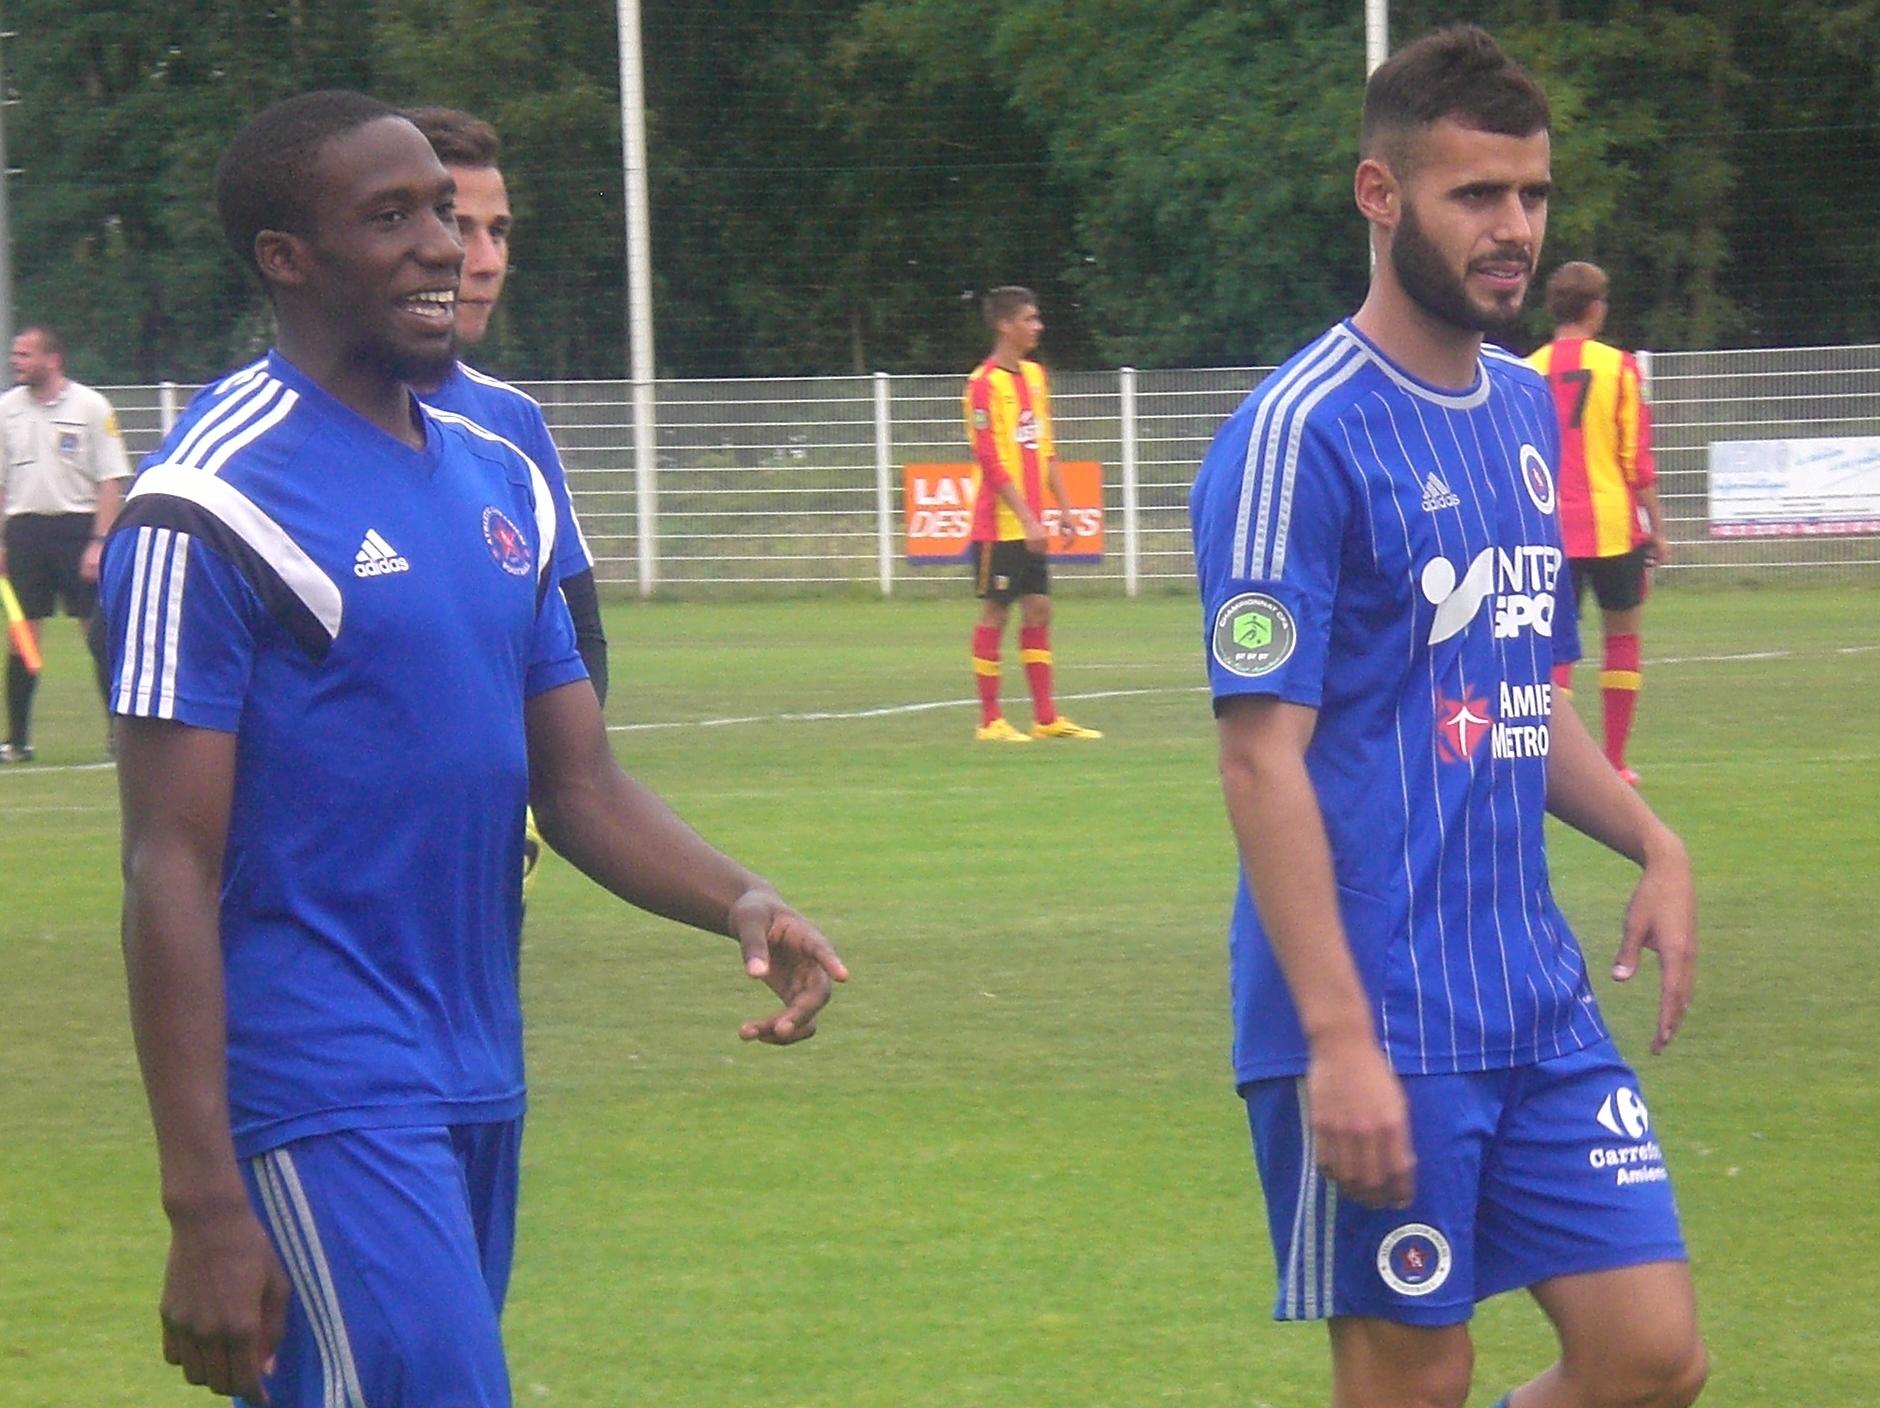 Resultado de imagem para AC Amiens